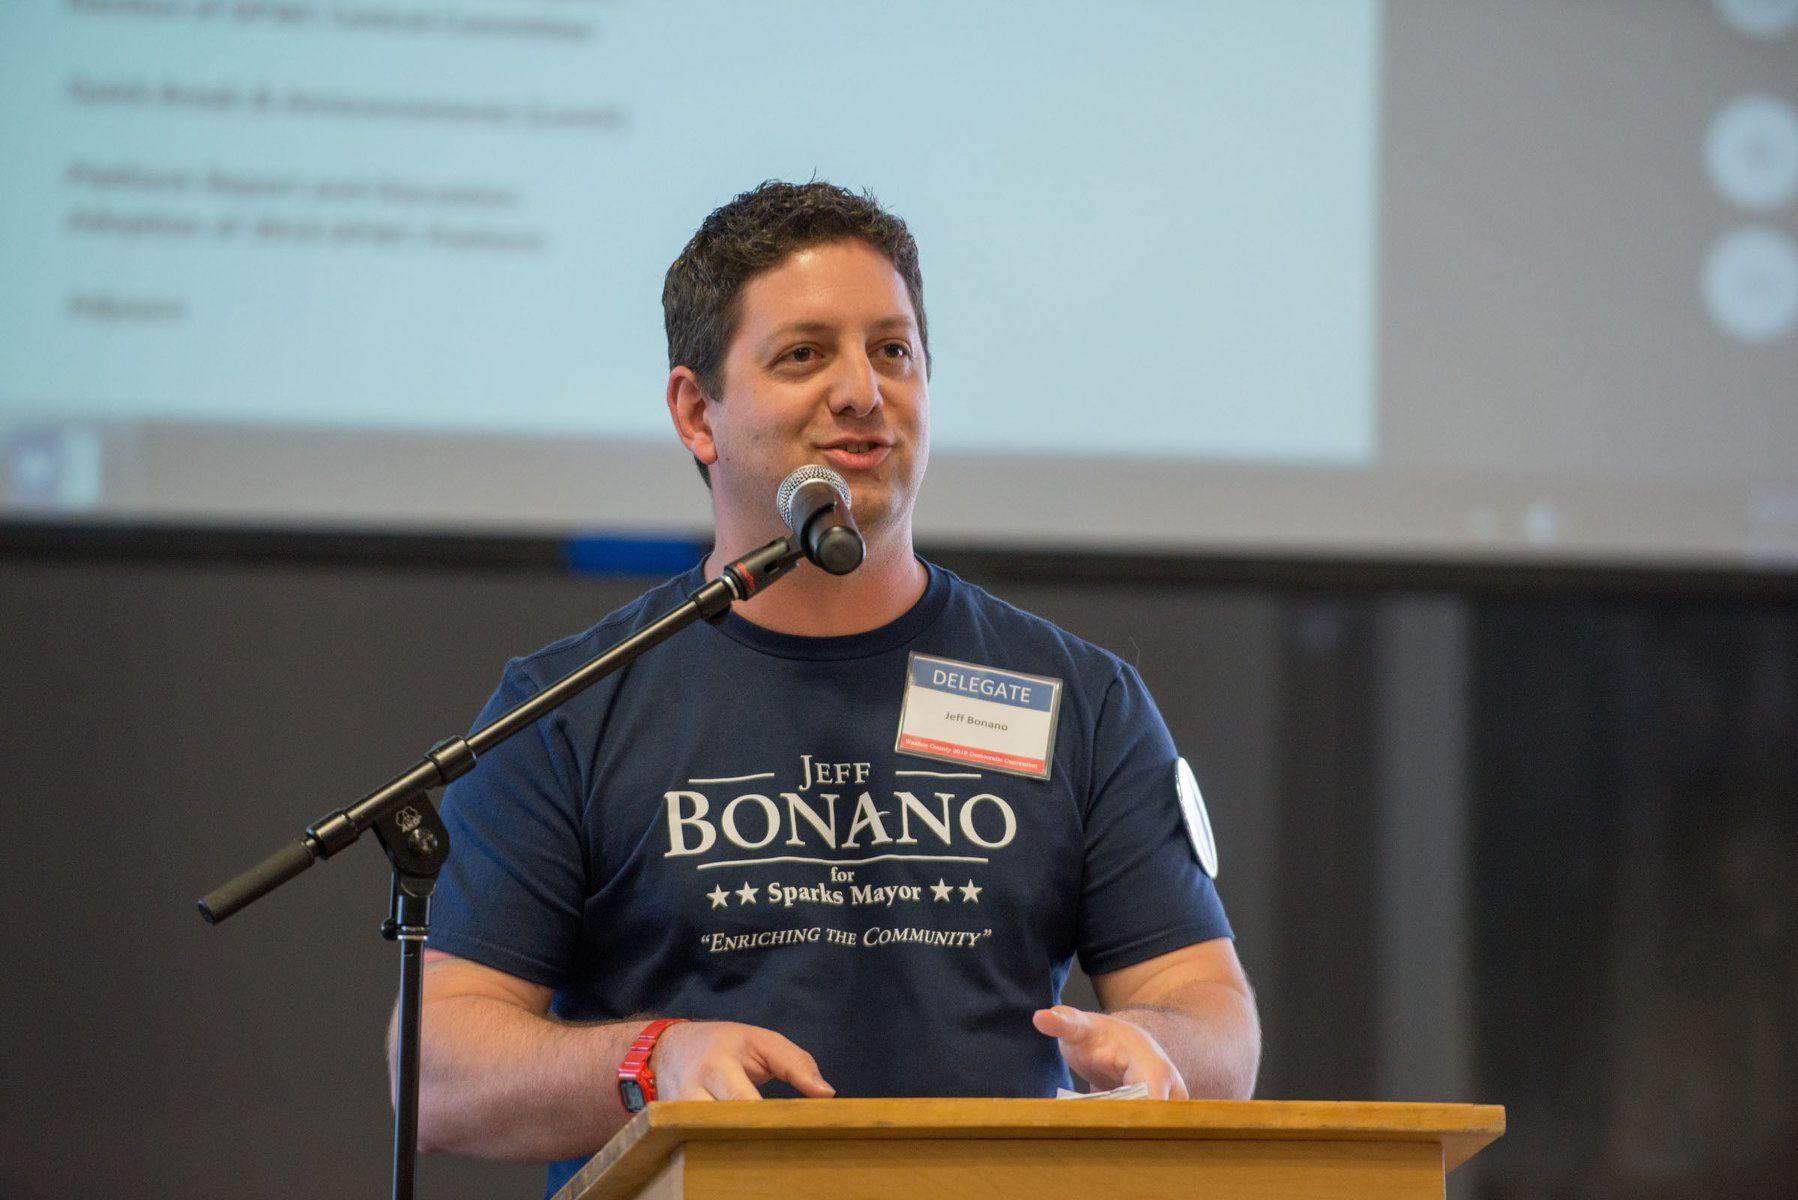 Jeff Bonano